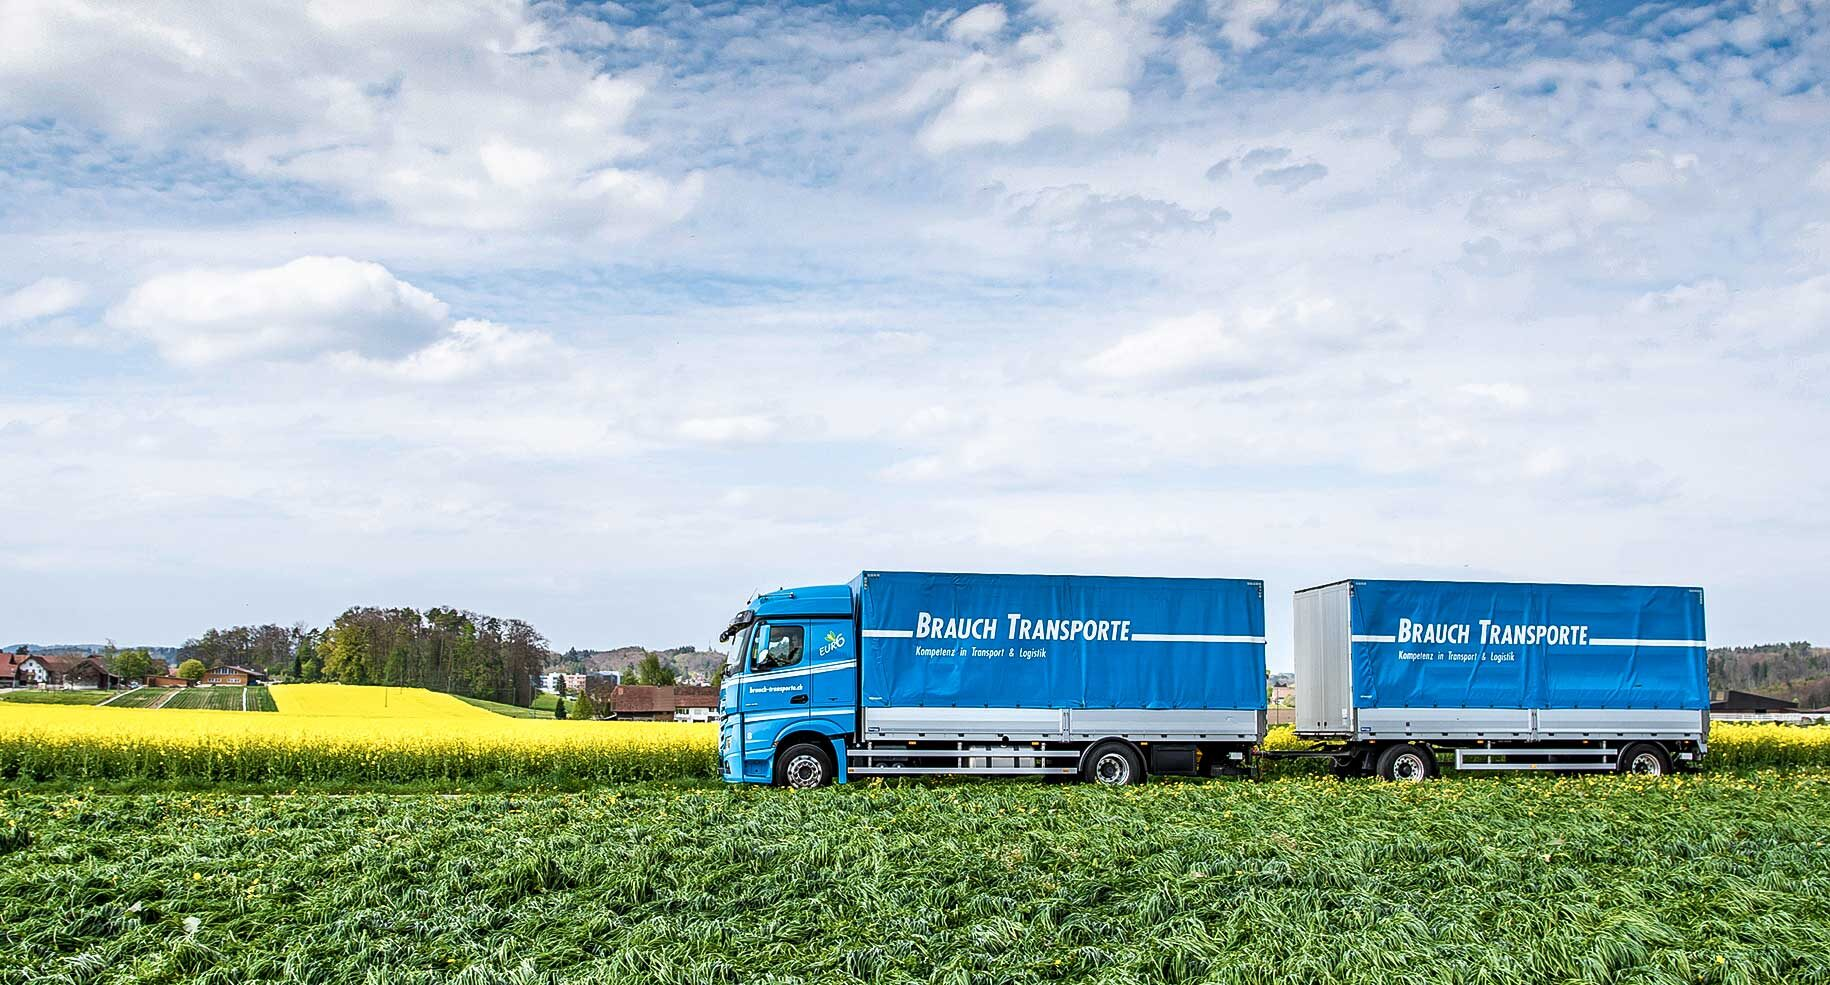 LKW transportiert Überland